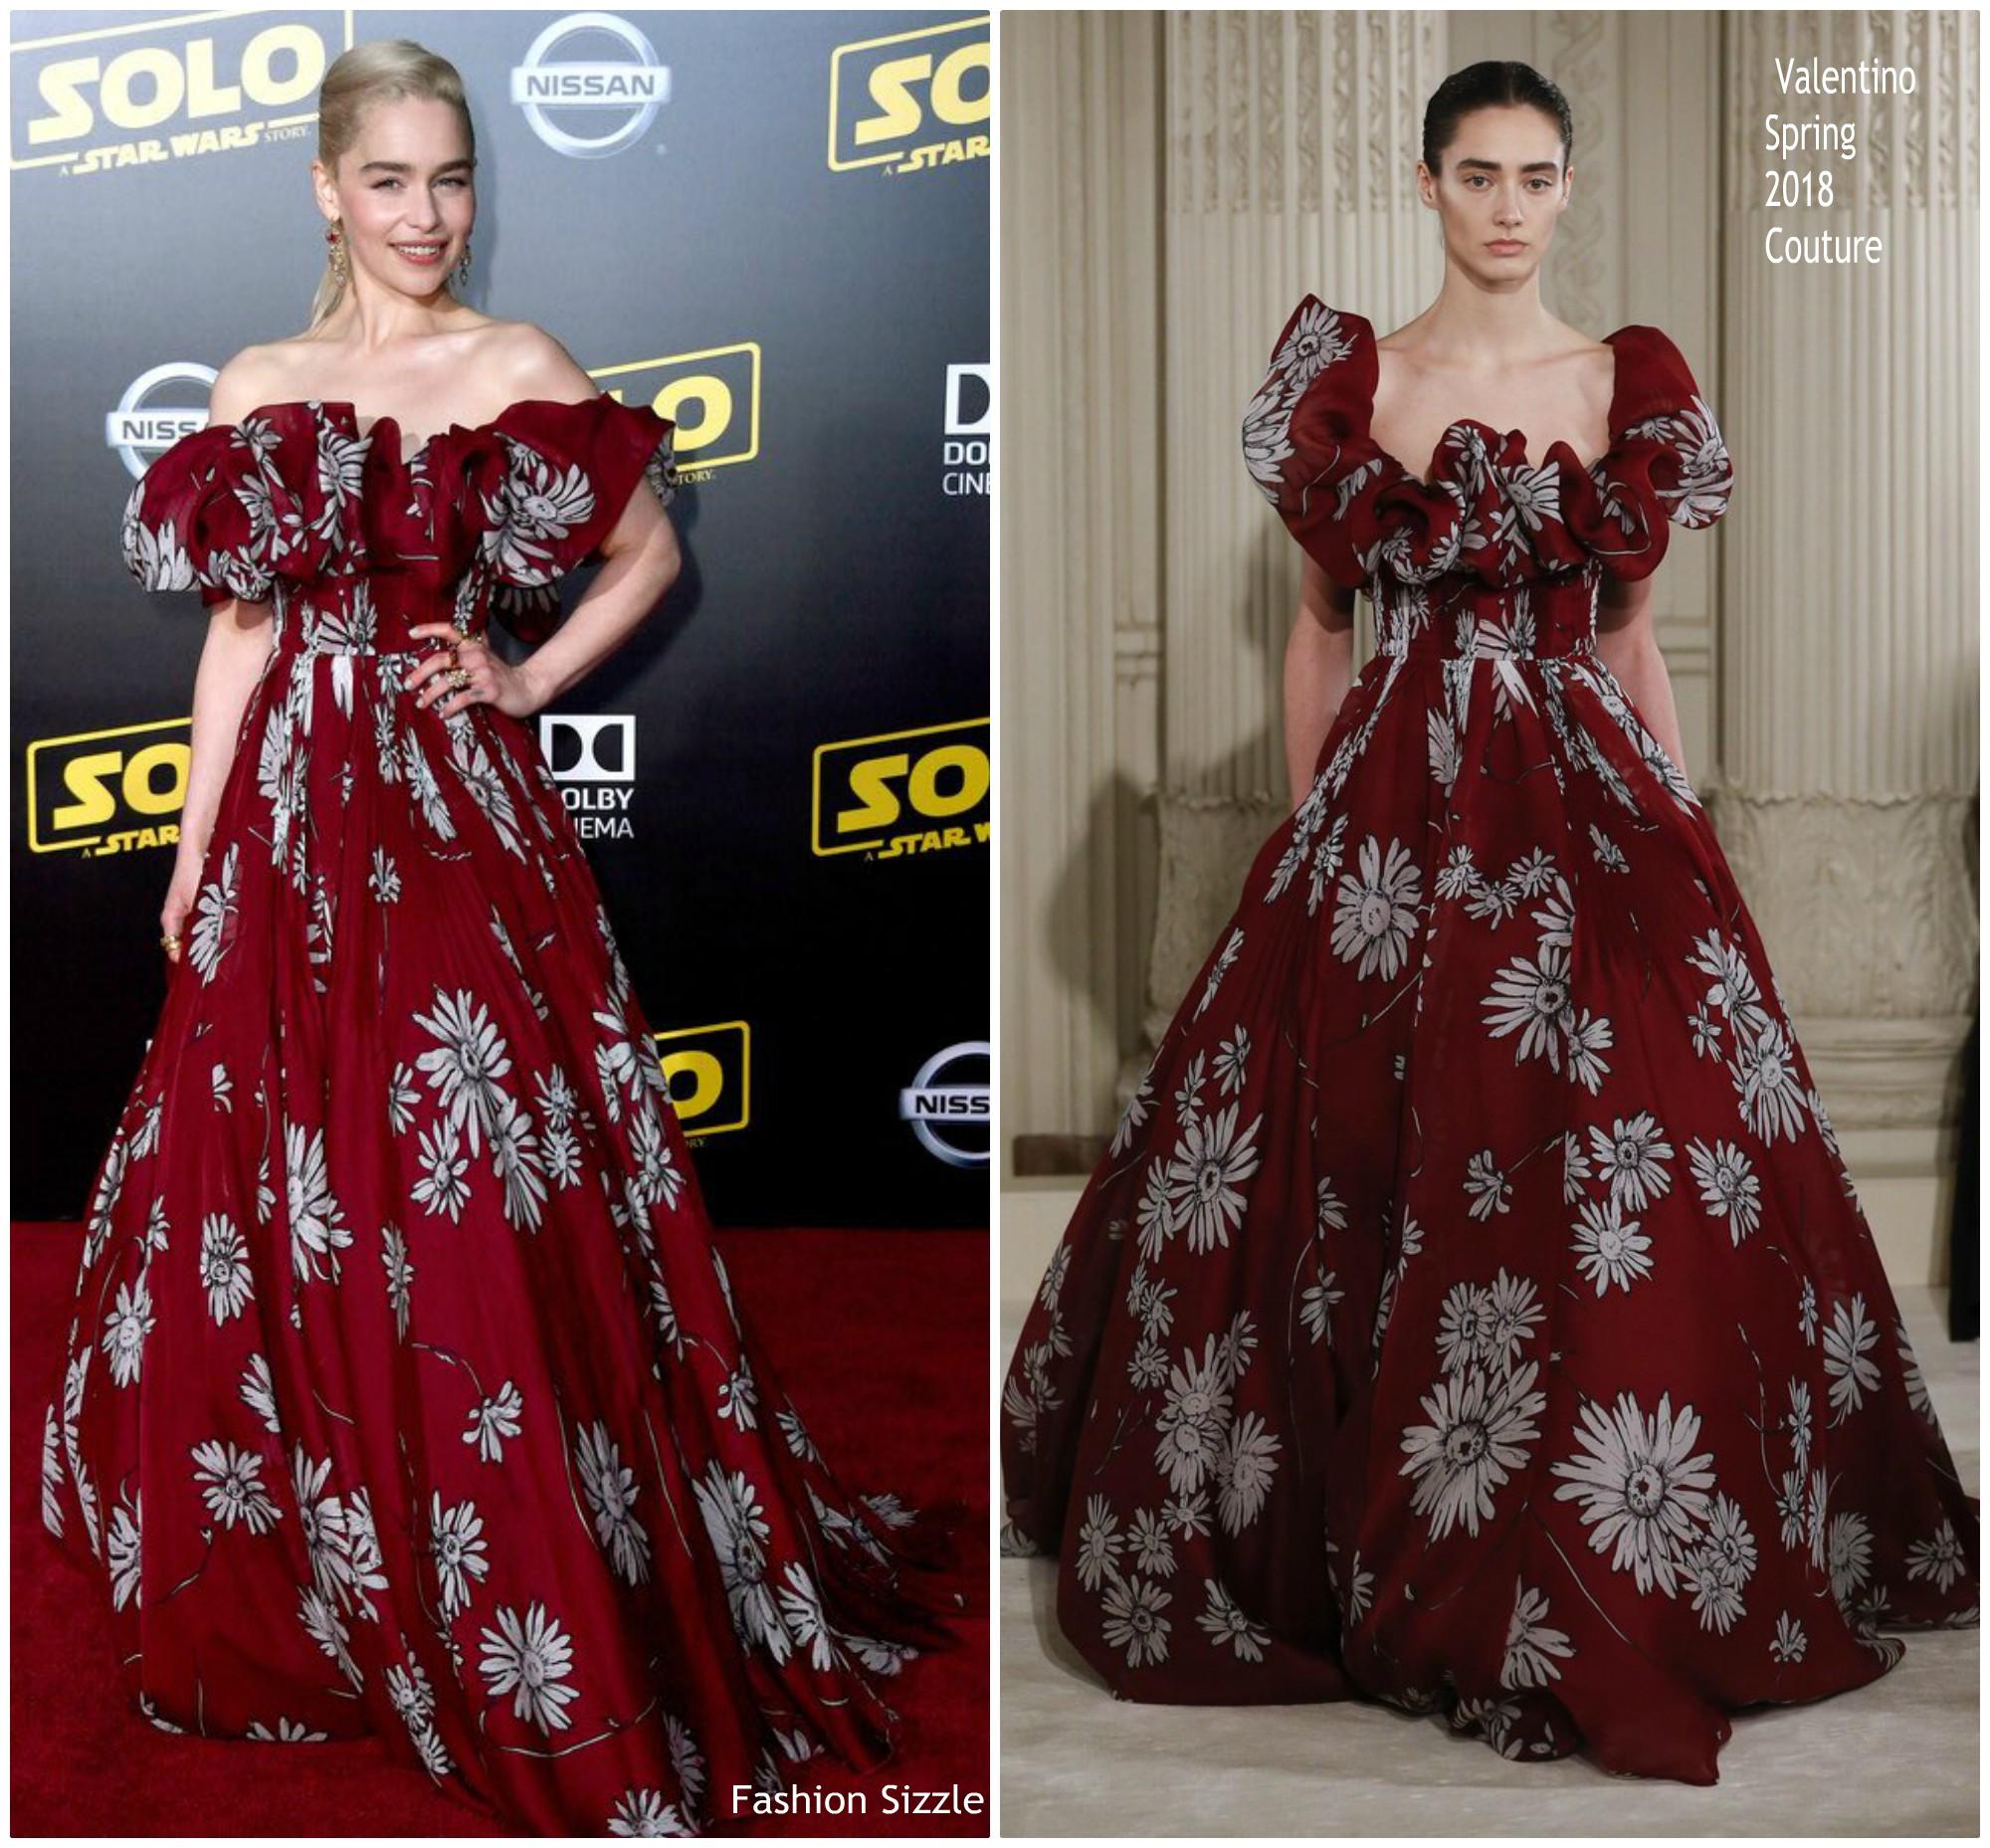 emilia-clarke-in-valentino-haute-couture-solo-a-stars-wars-story-la-premiere